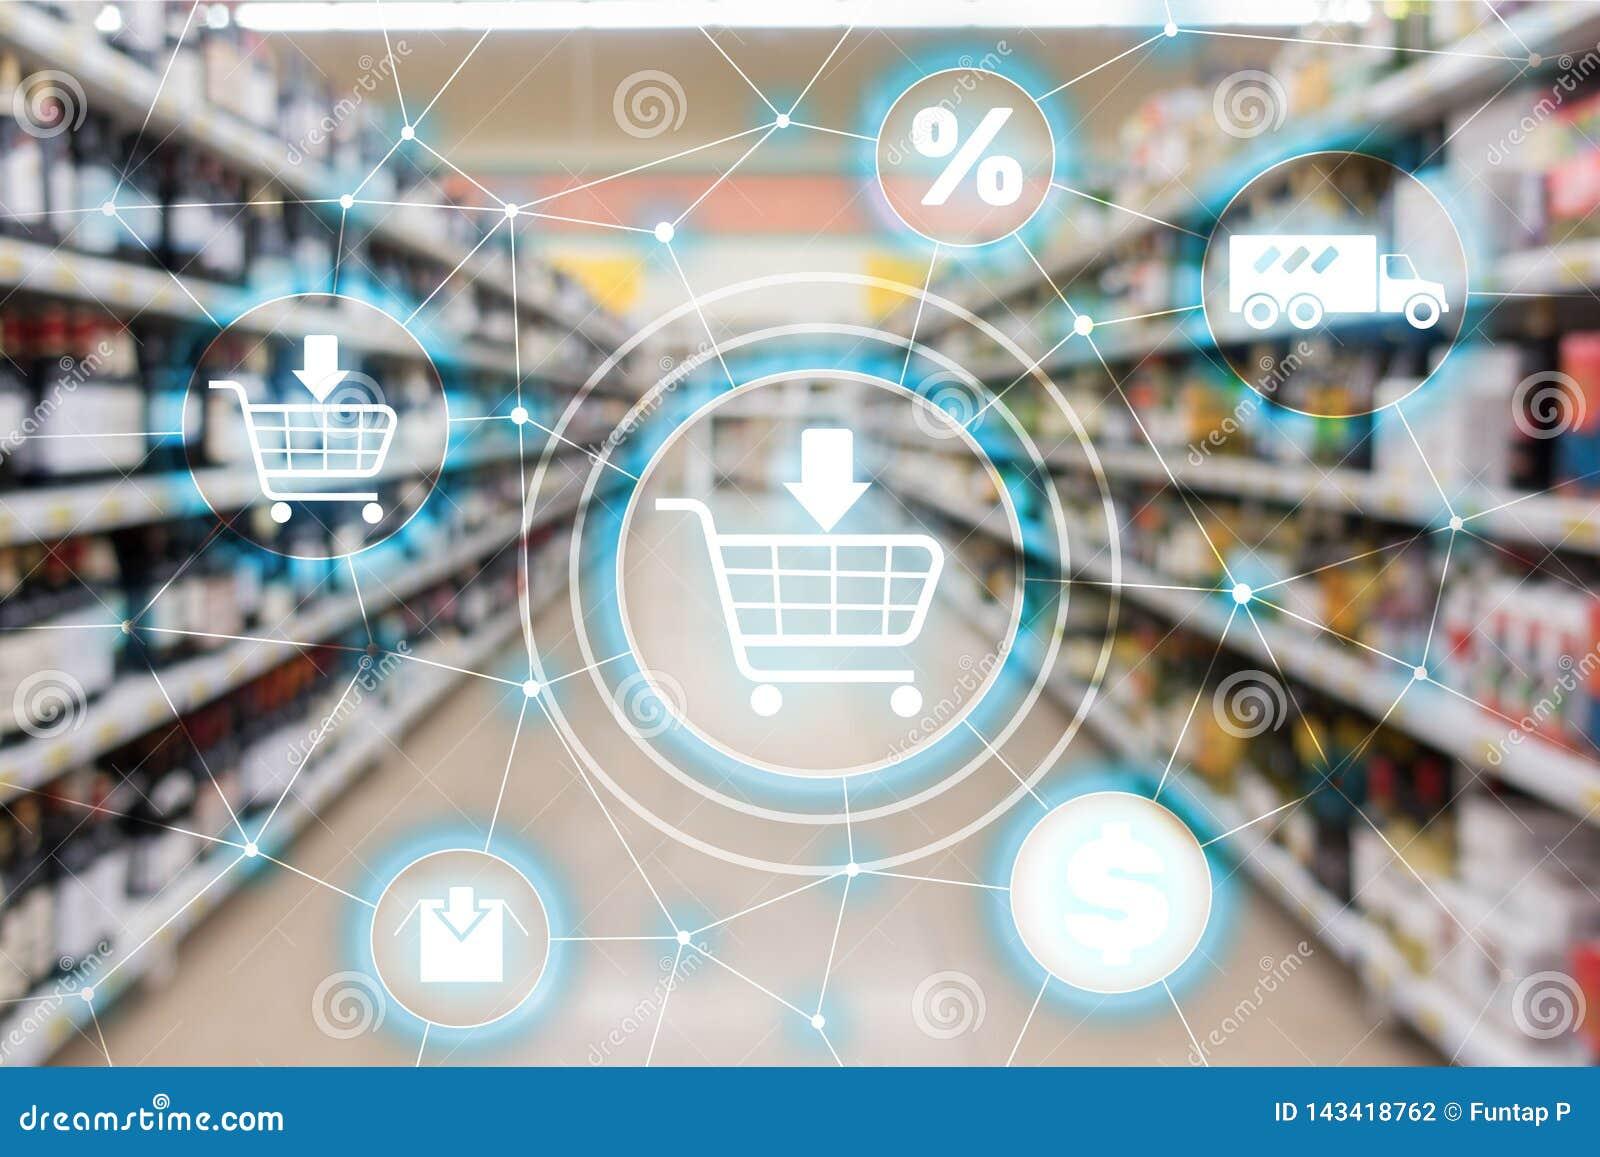 Begrepp för fördelning för kanal för marknadsföring för Ecommerce för shoppingvagn på supermarketbakgrund